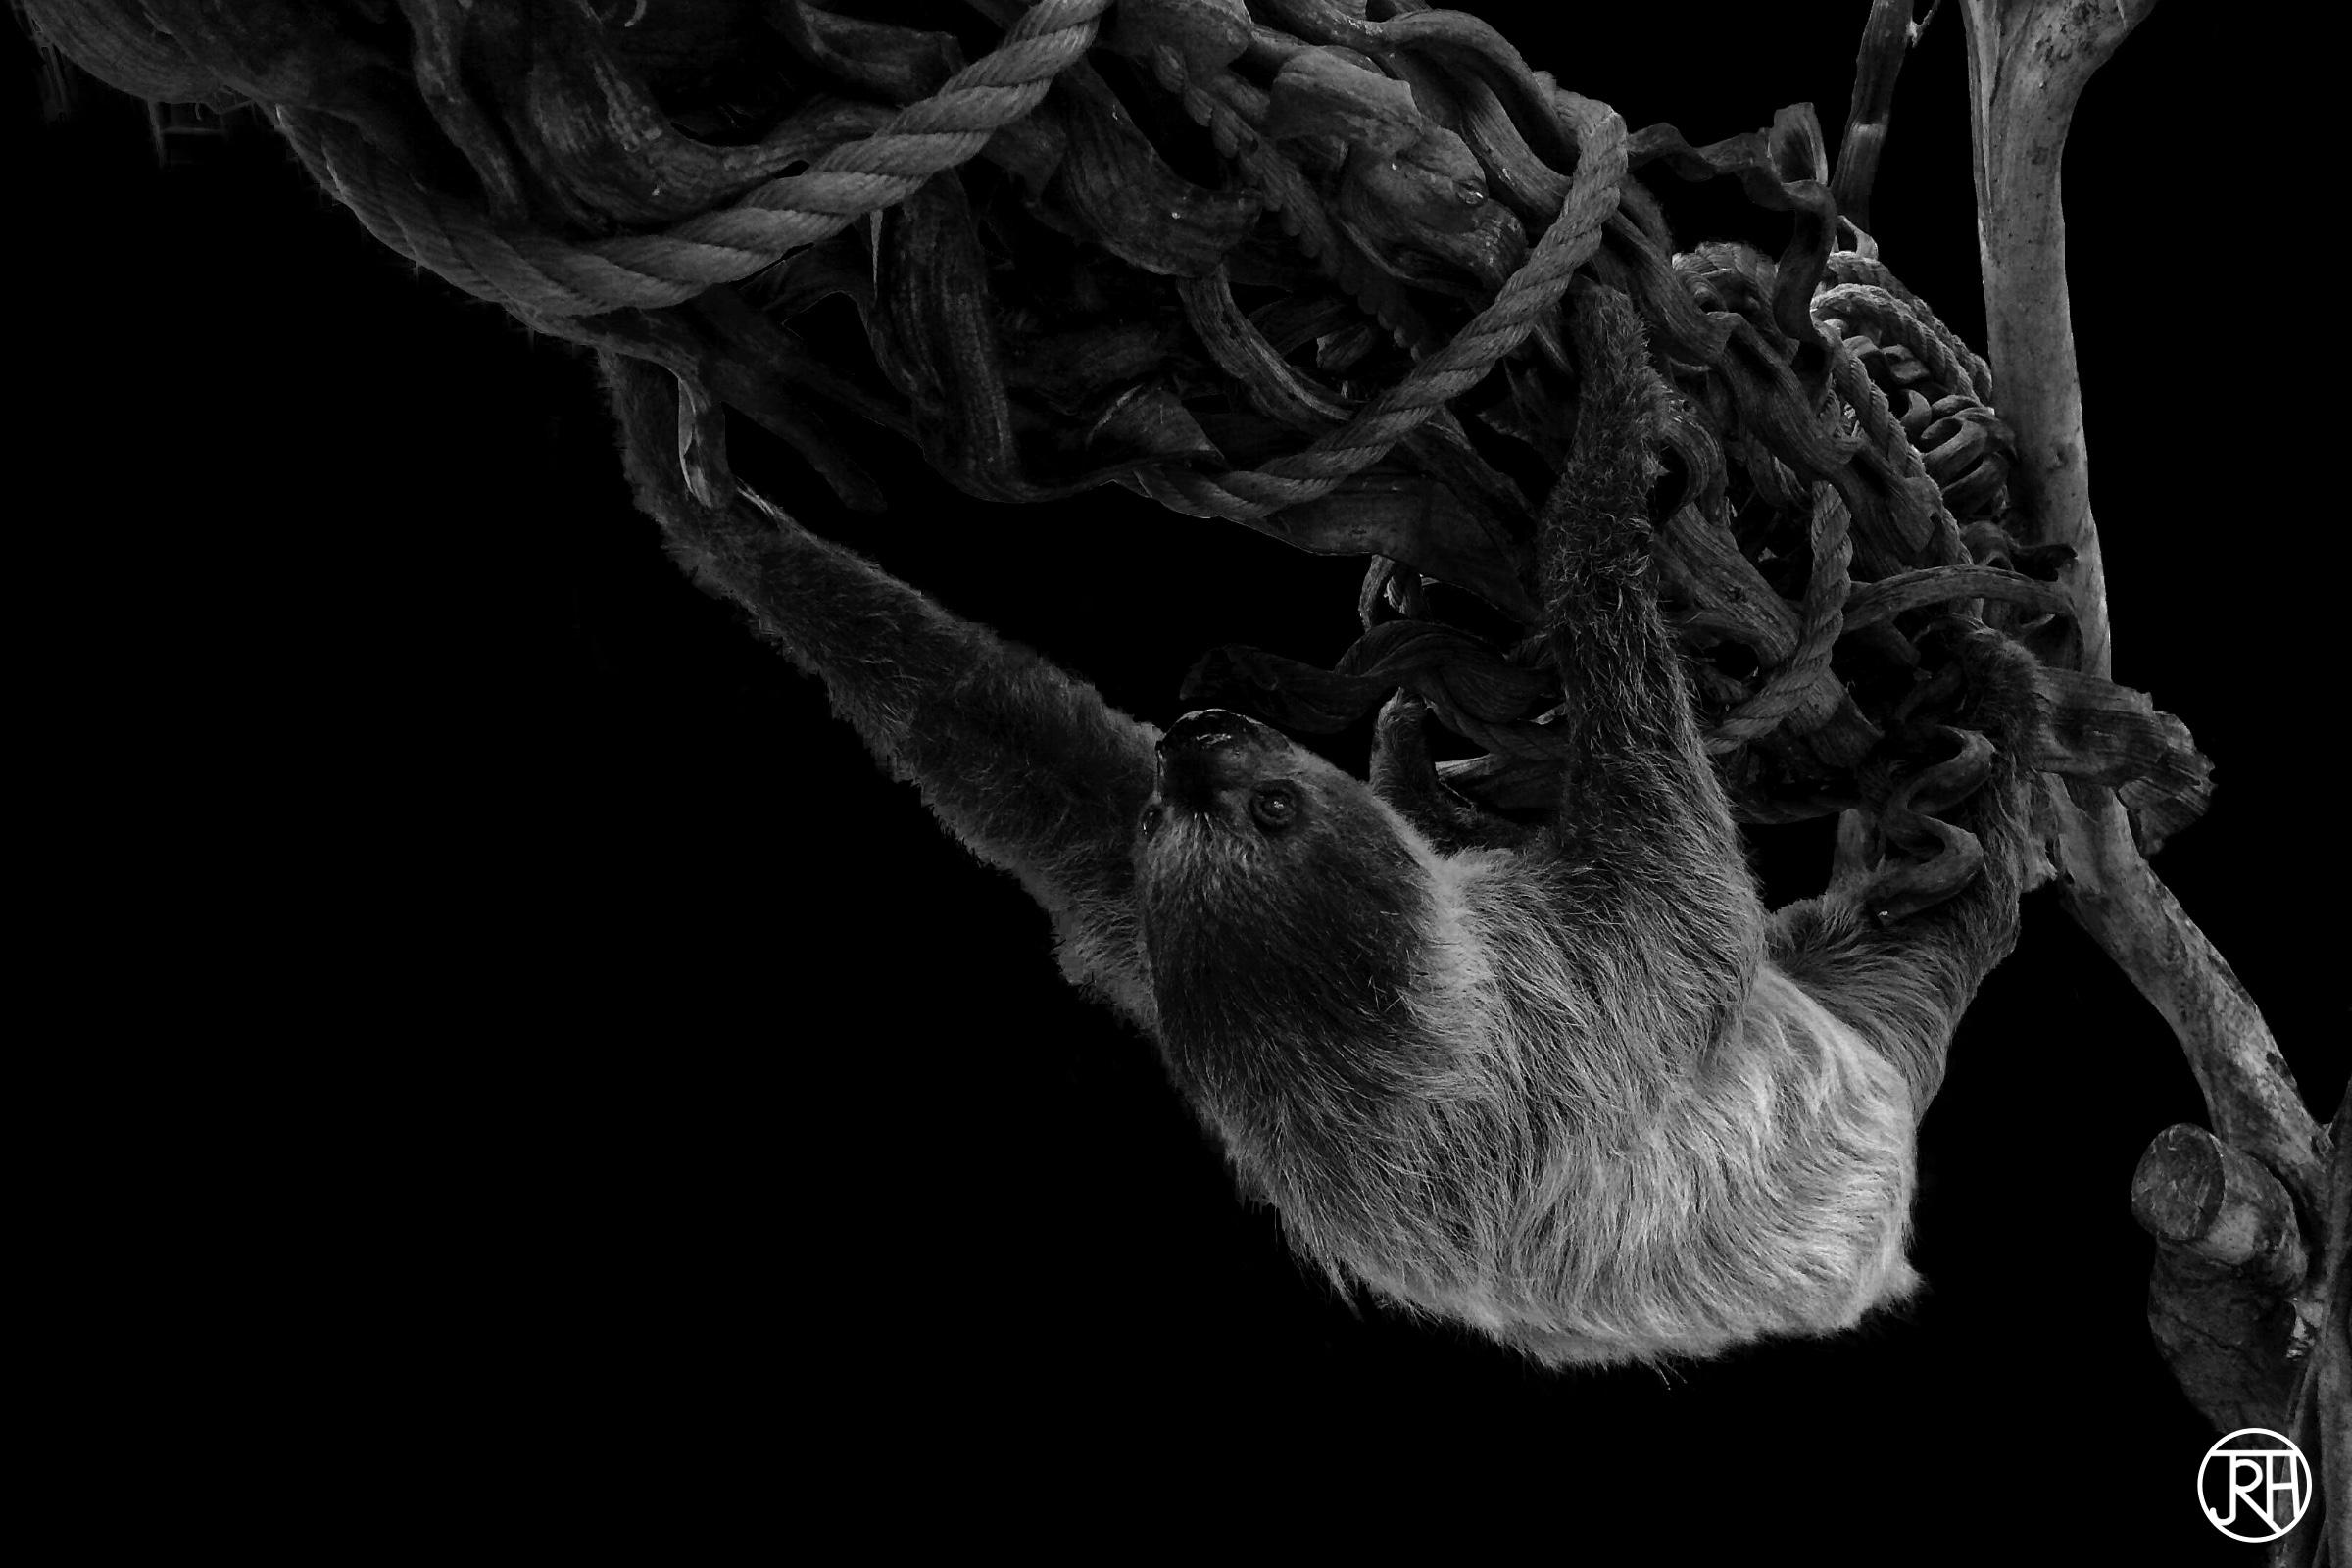 Climbing Sloth I